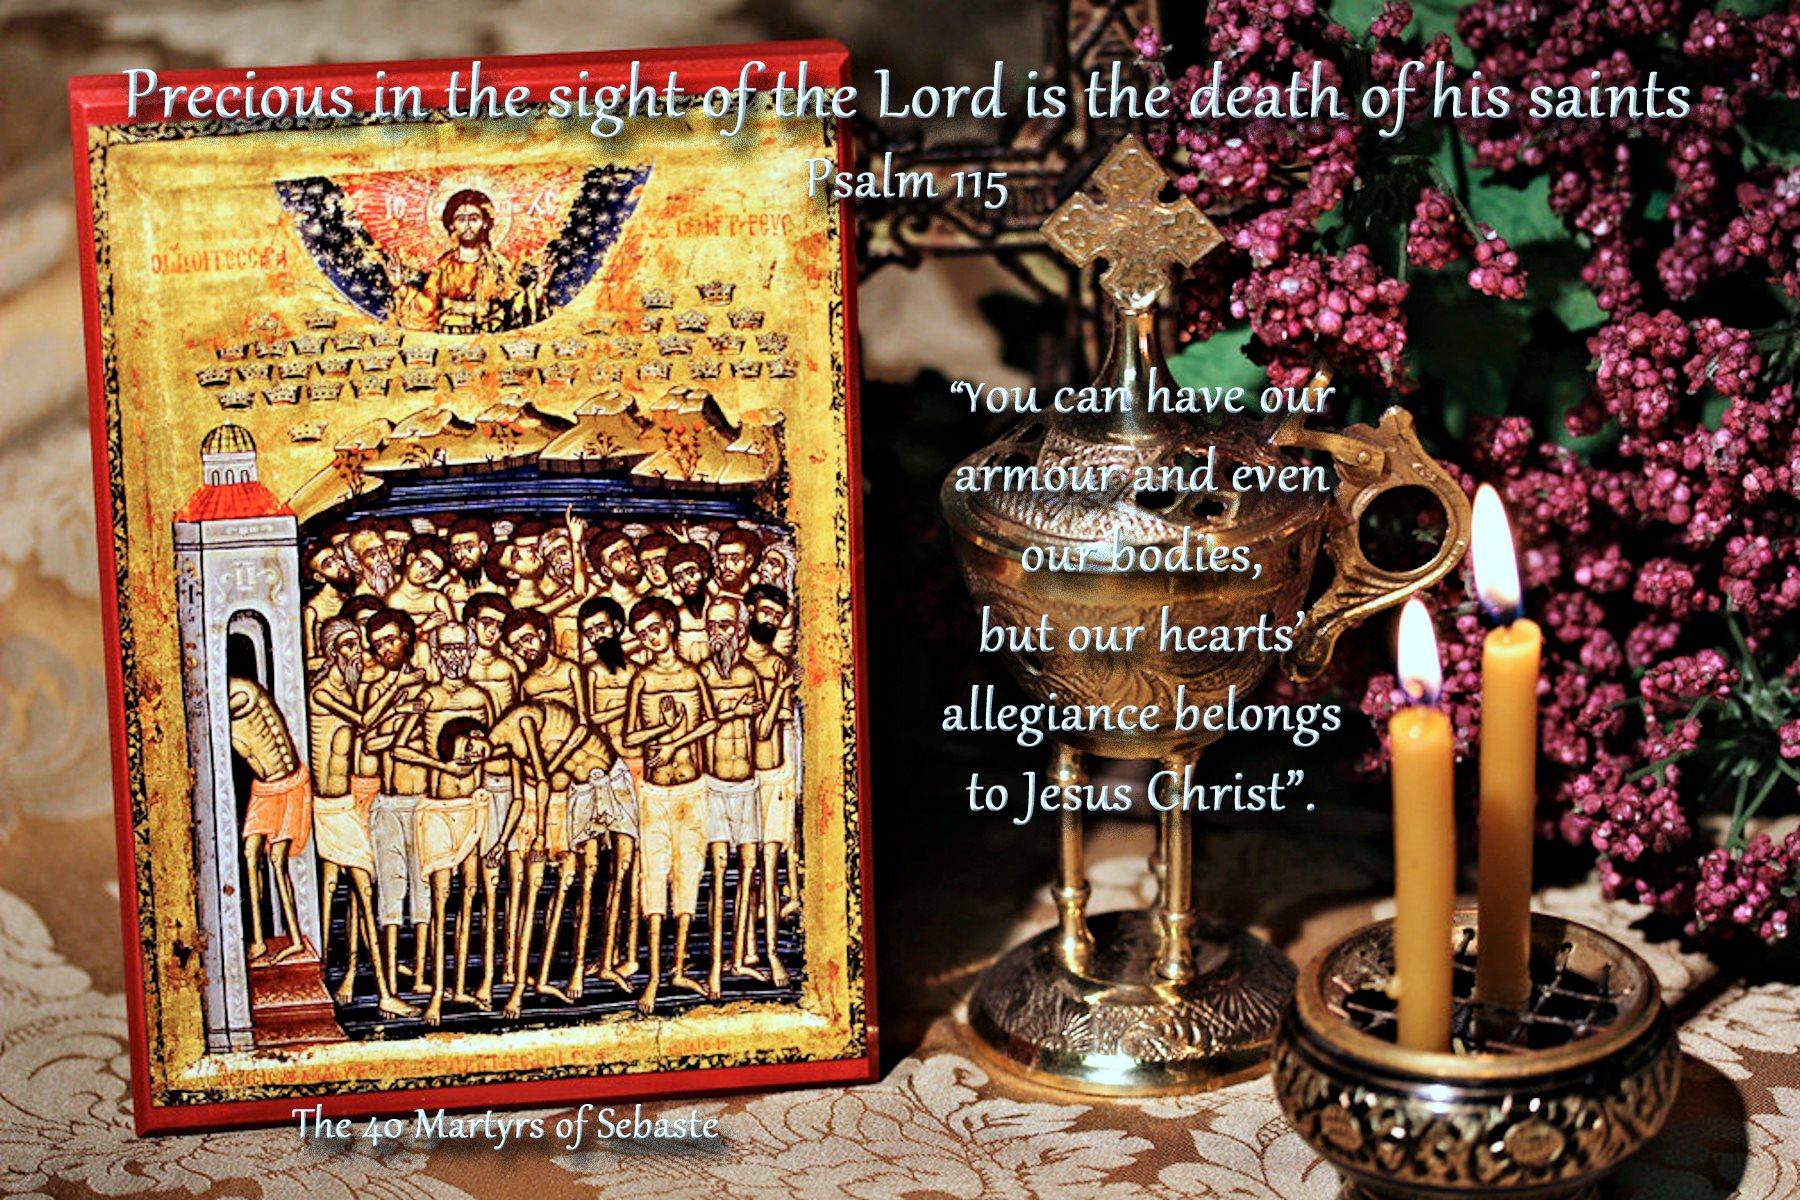 00 40 Martyrs of Sebaste. 22.03.15